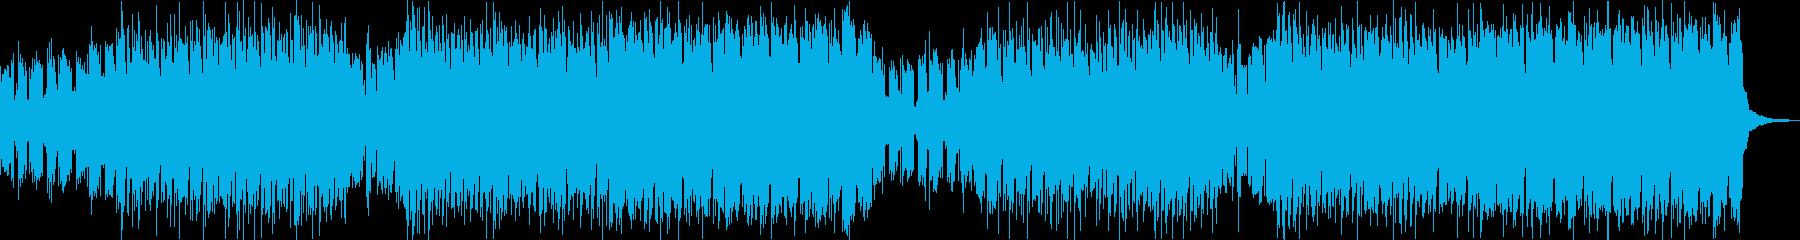 ボス戦前の緊張感あるシンセオーケストラ曲の再生済みの波形